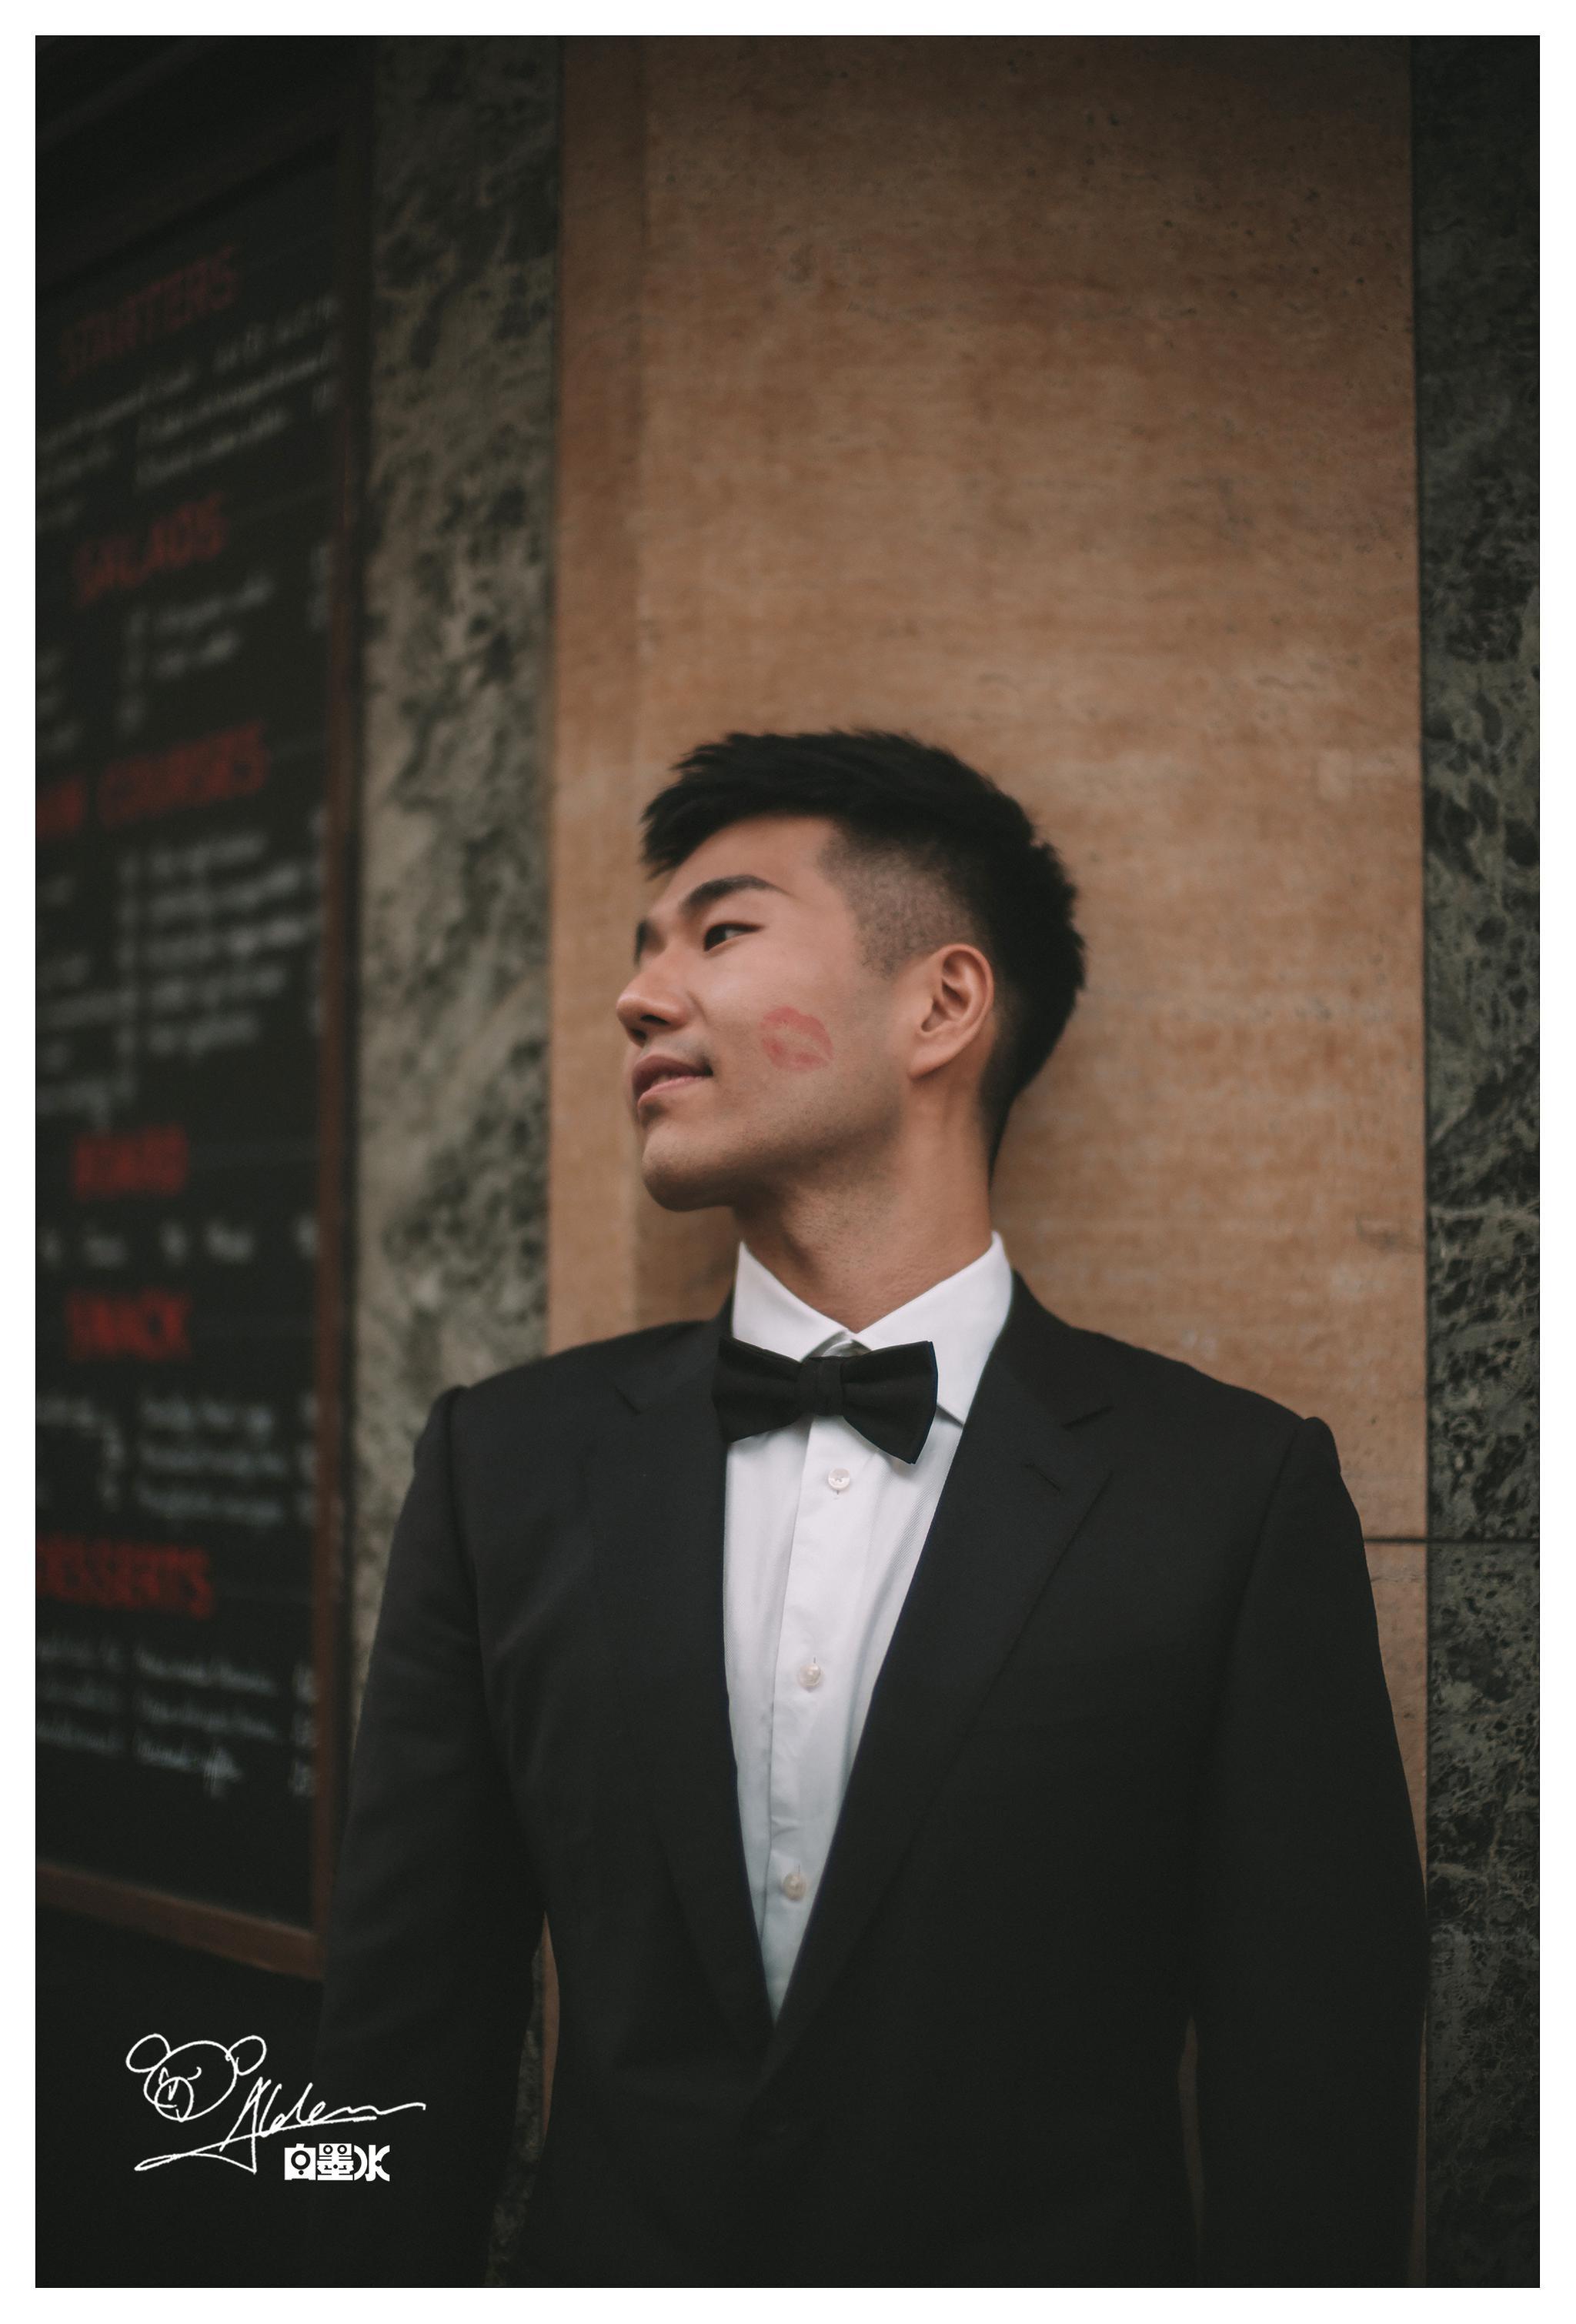 又是一对可爱的新人,新郎有个角度好像赵又廷啊哈哈。 @微博婚礼